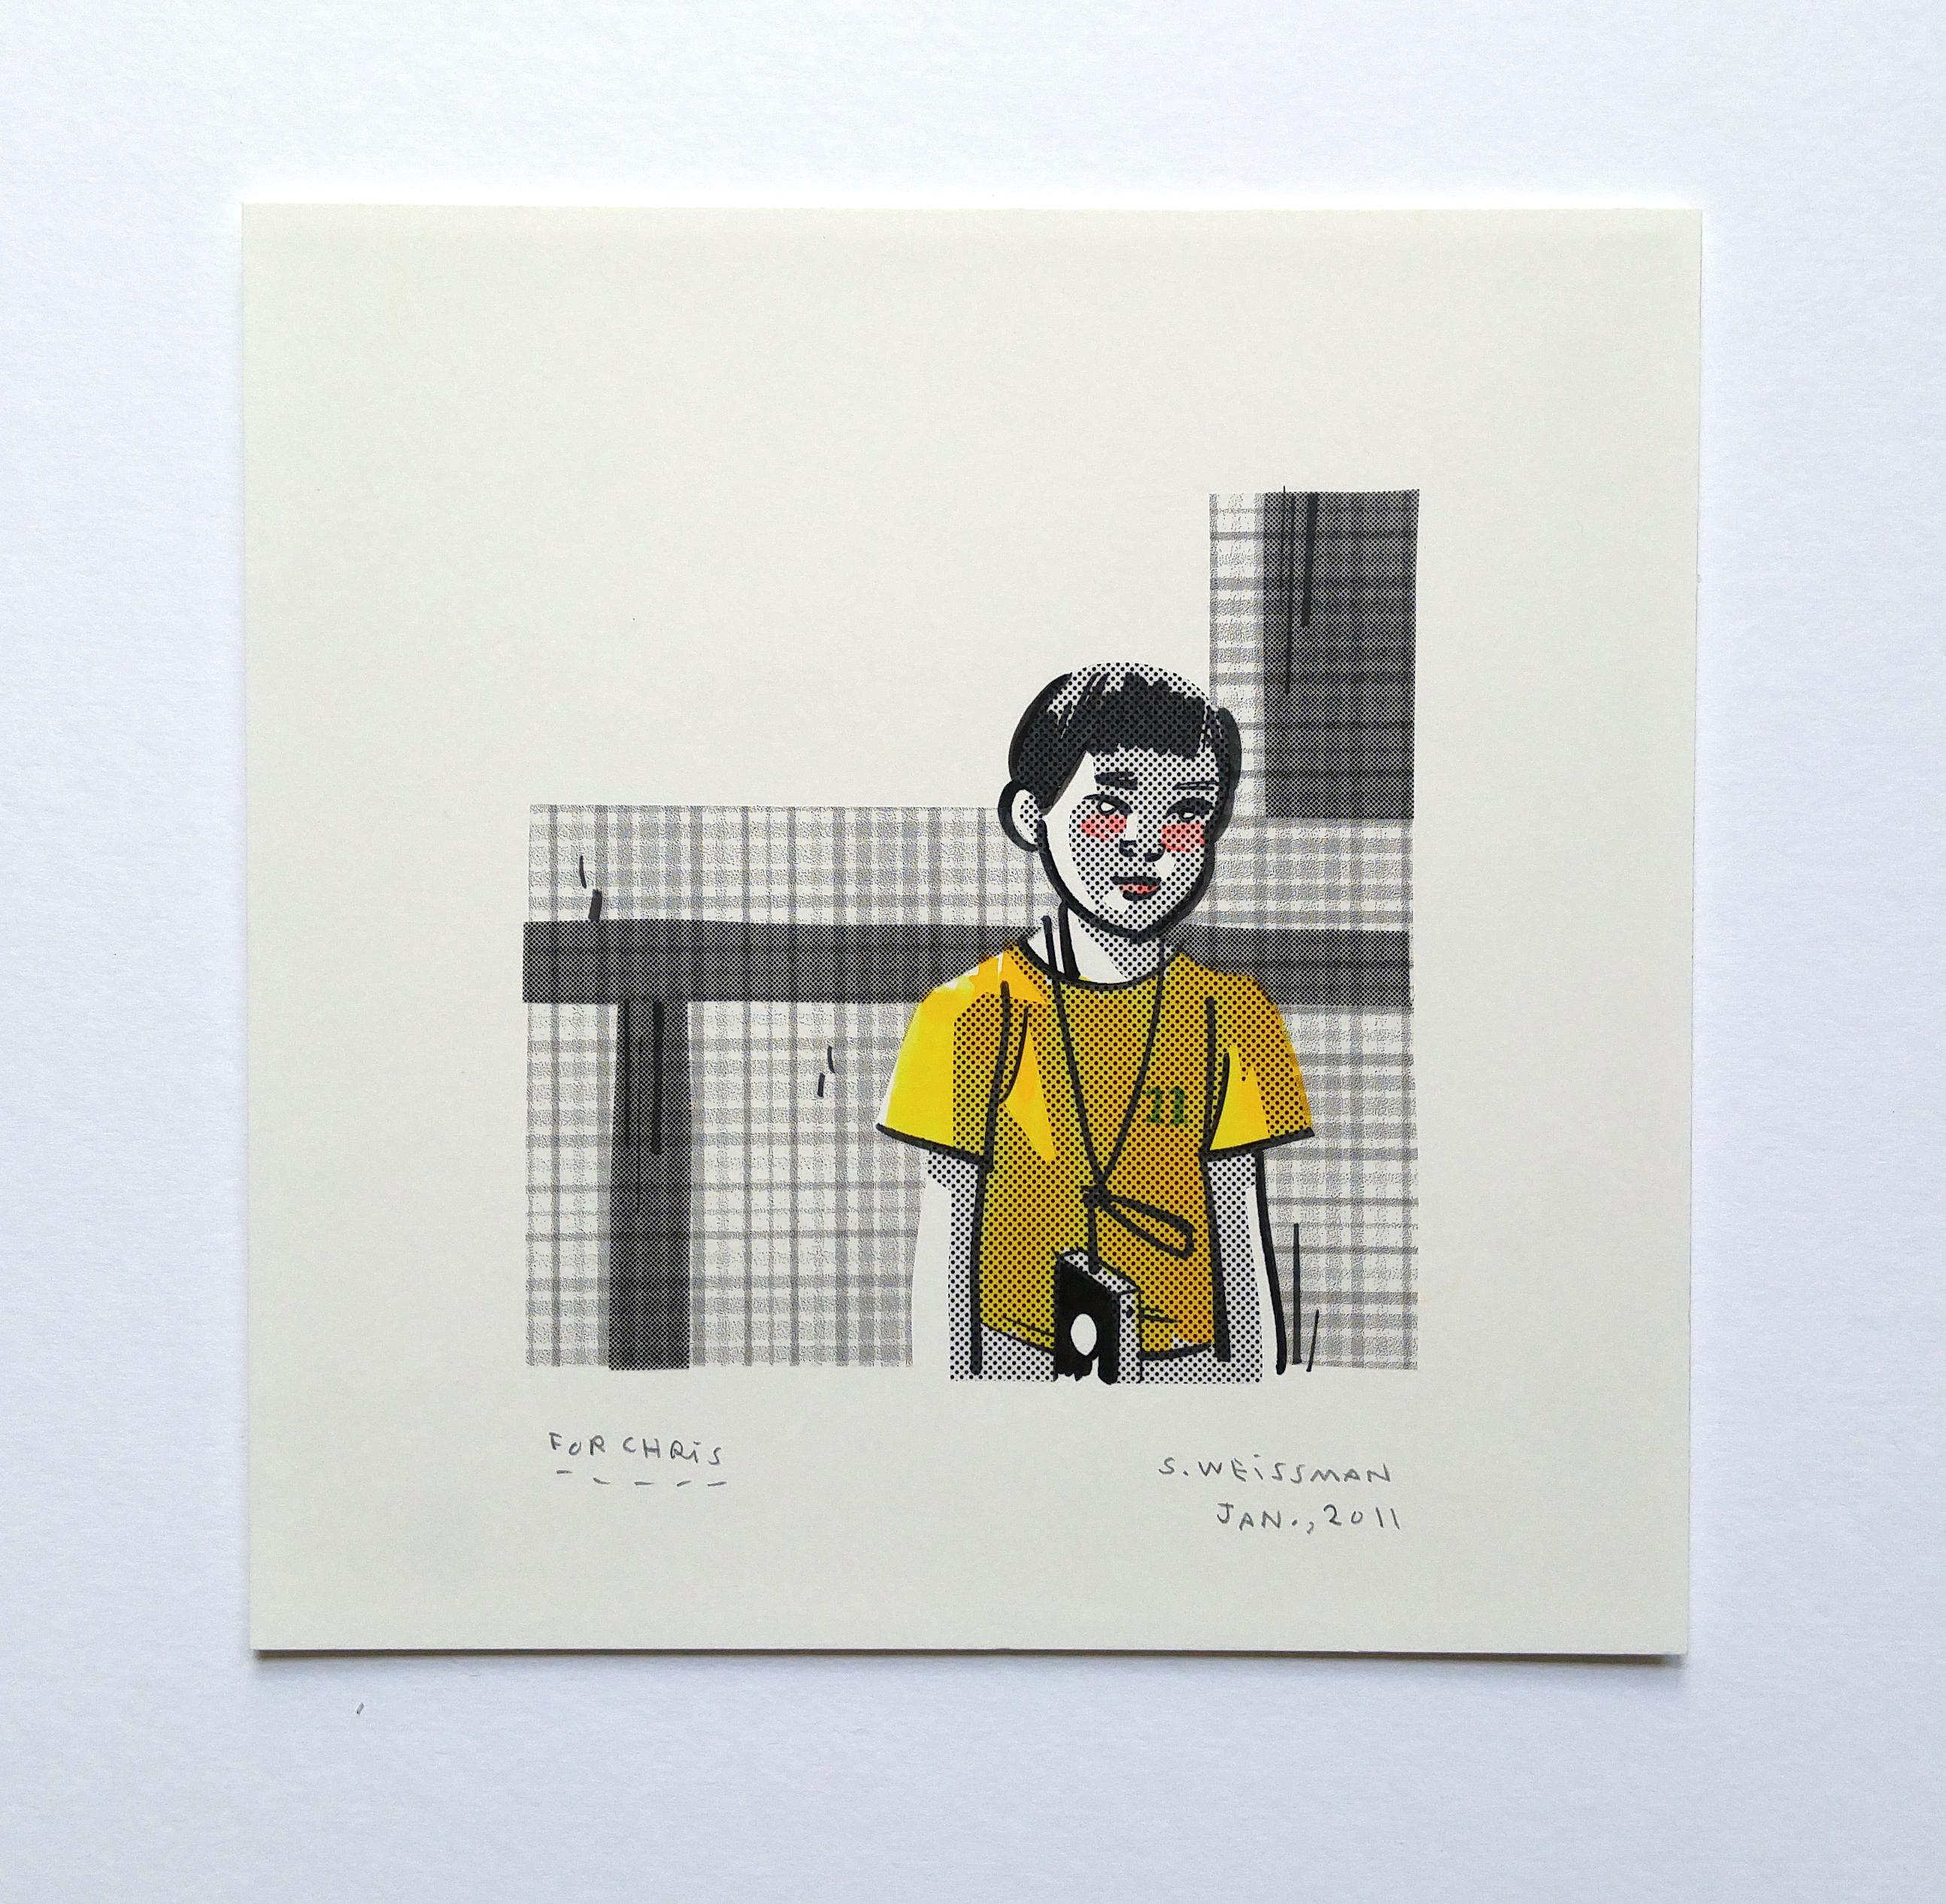 YI YI by Steven Weissman